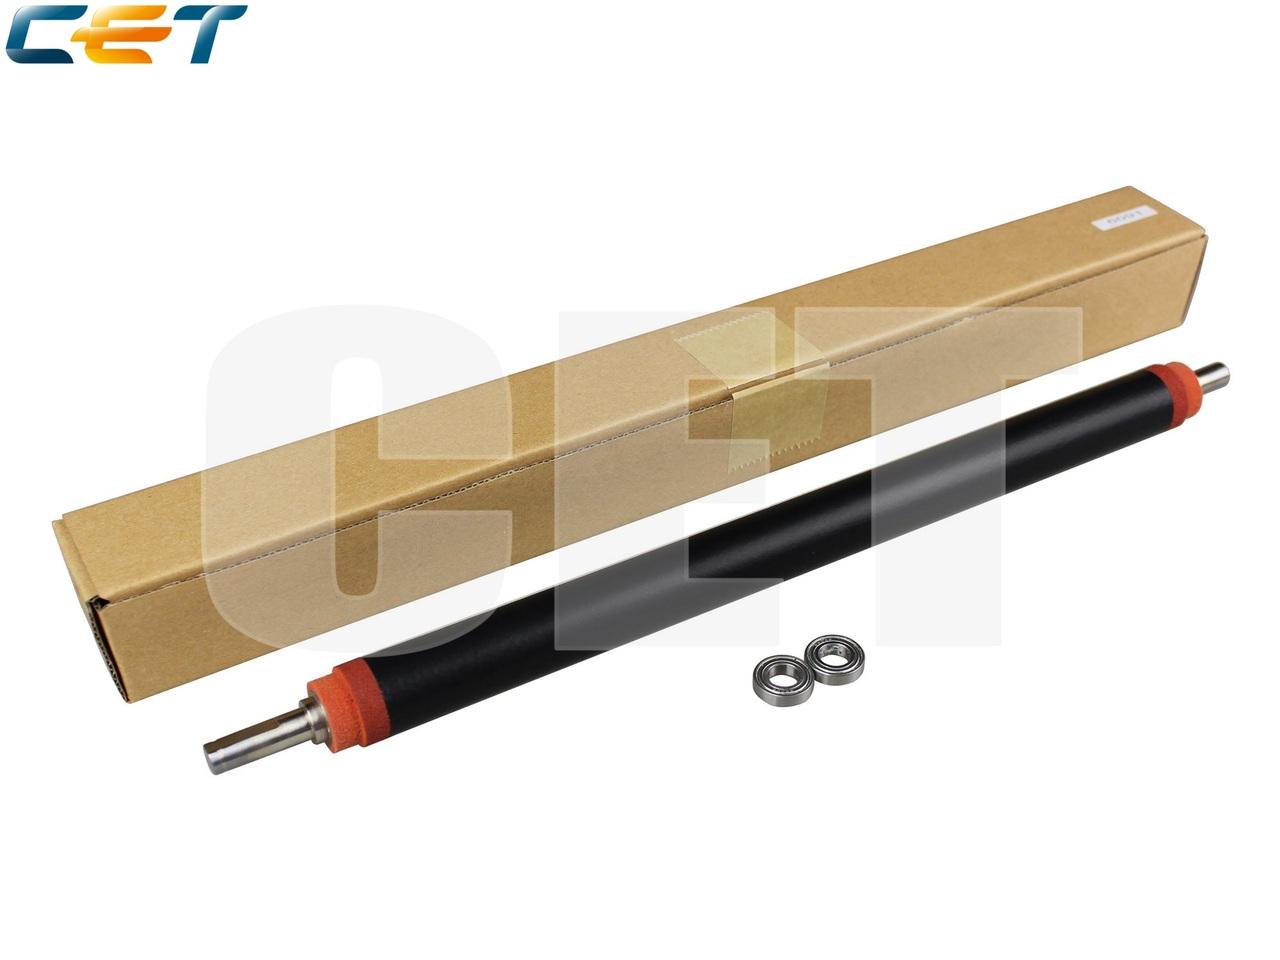 Резиновый вал с бушингами D144-4057 для RICOH AficioMPC3002/MPC3502/MPC4502/MPC5502 (CET), CET6091